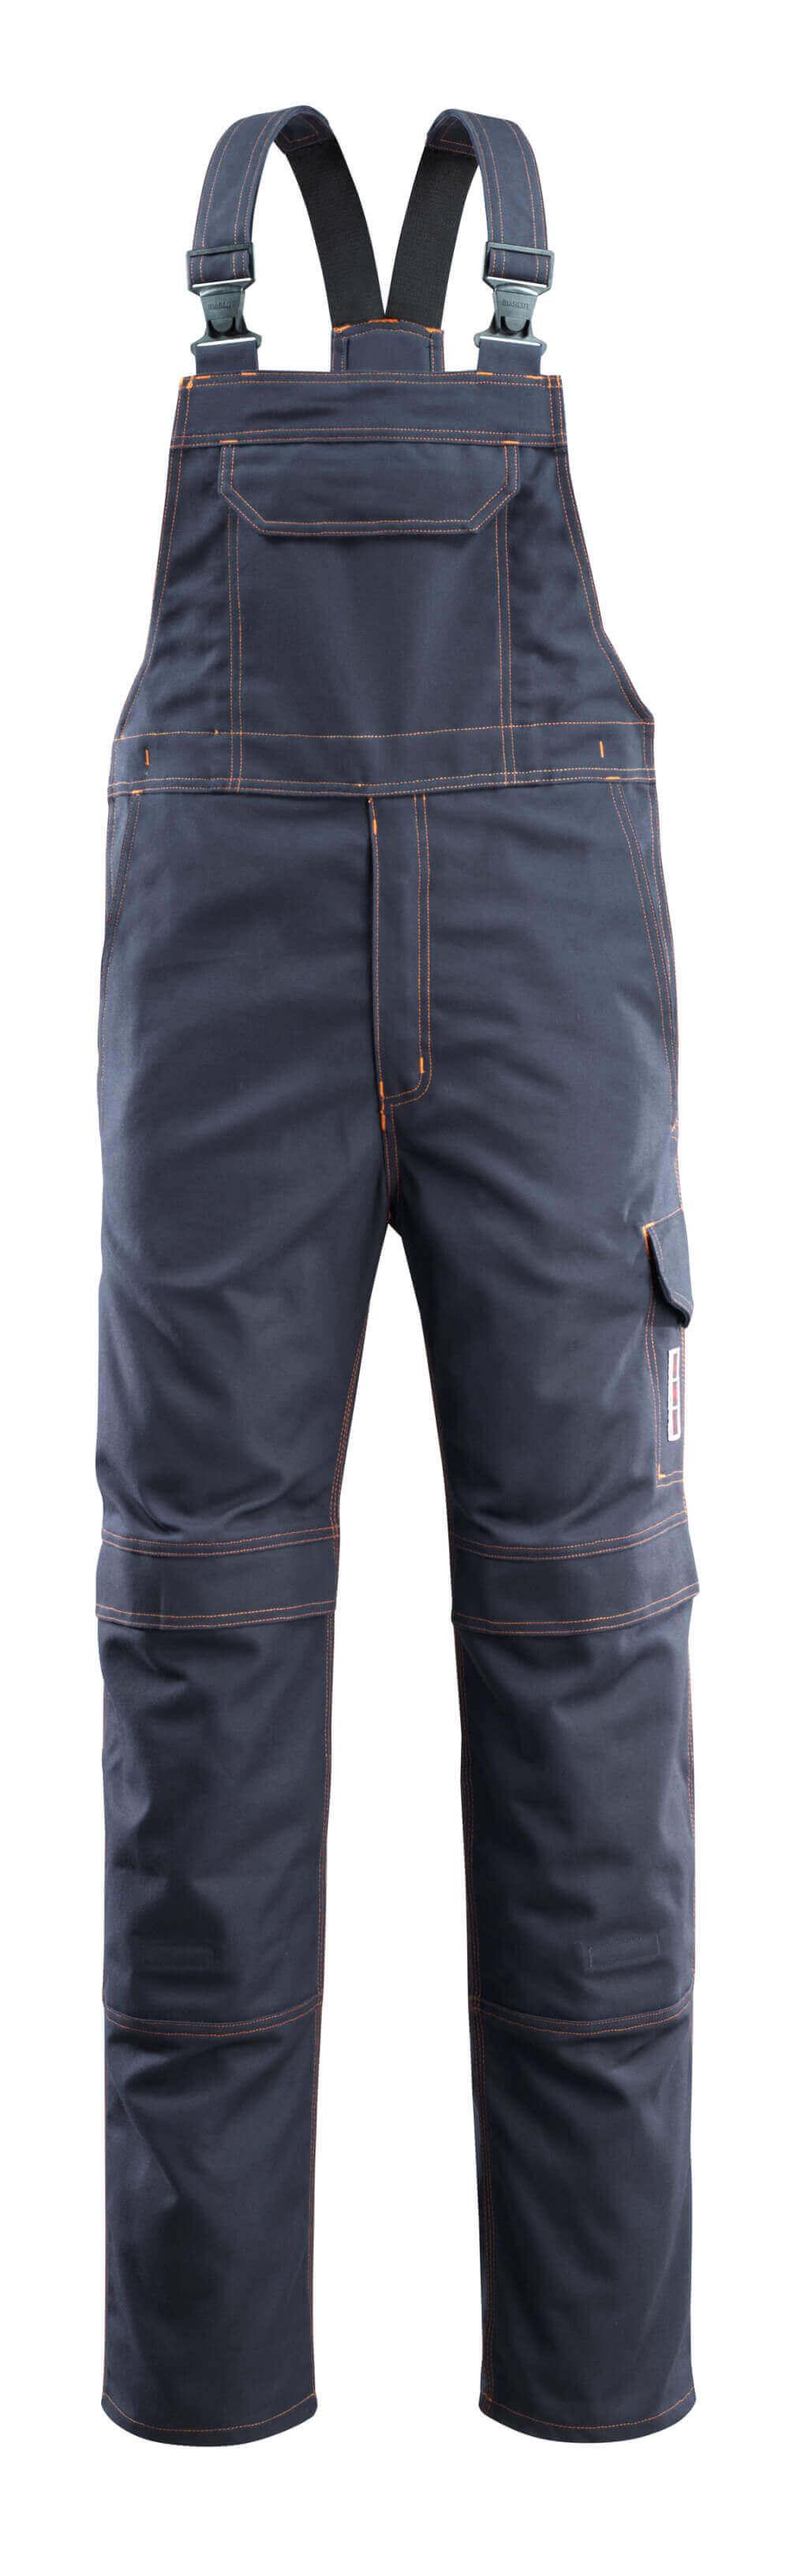 06669-135-010 Peto con bolsillos para rodilleras - azul marino oscuro